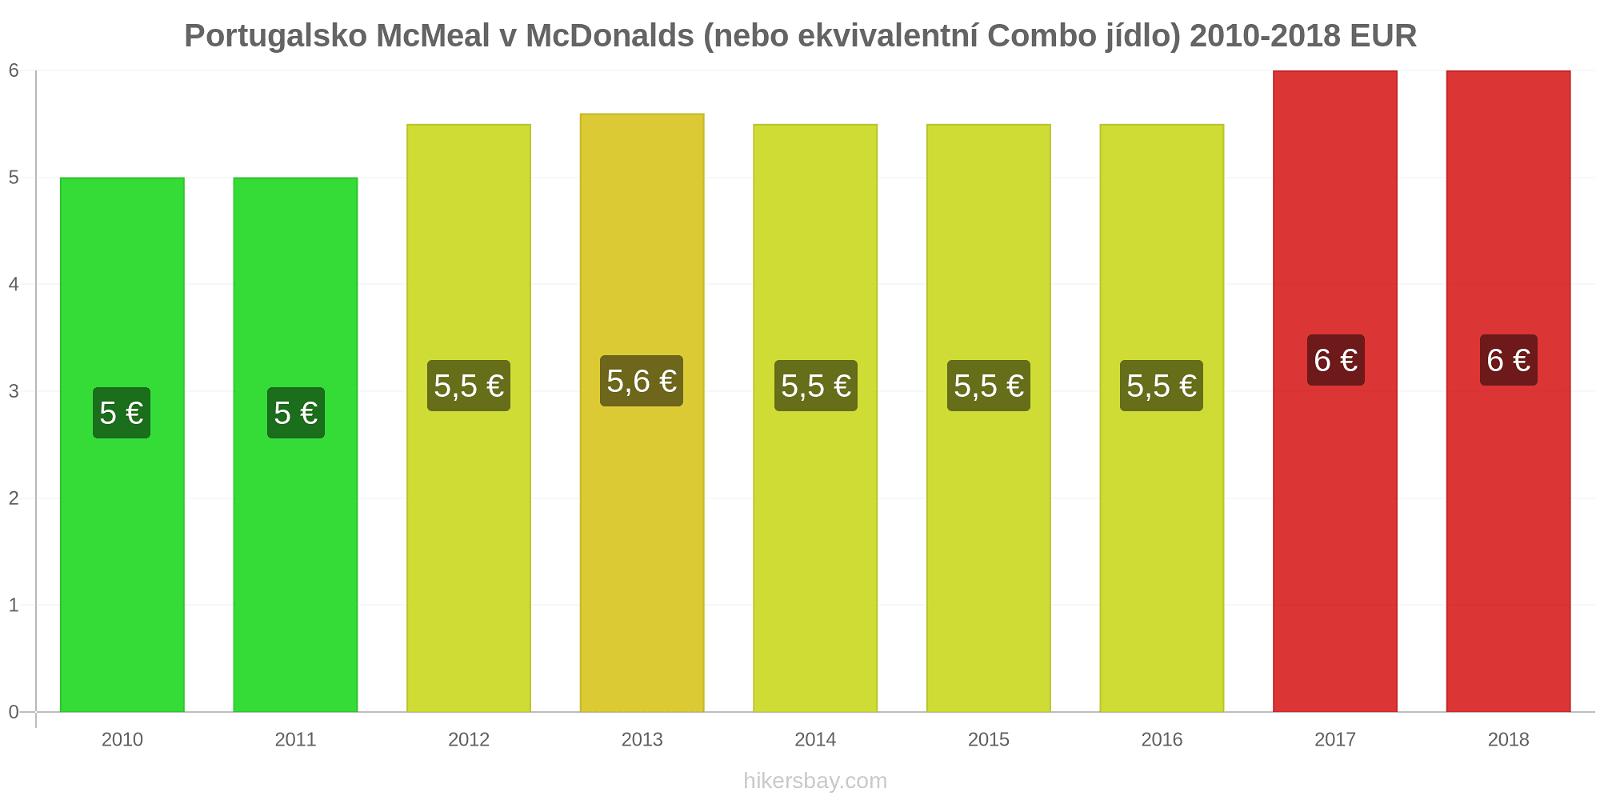 Portugalsko změny cen McMeal v McDonalds (nebo ekvivalentní Combo jídlo) hikersbay.com